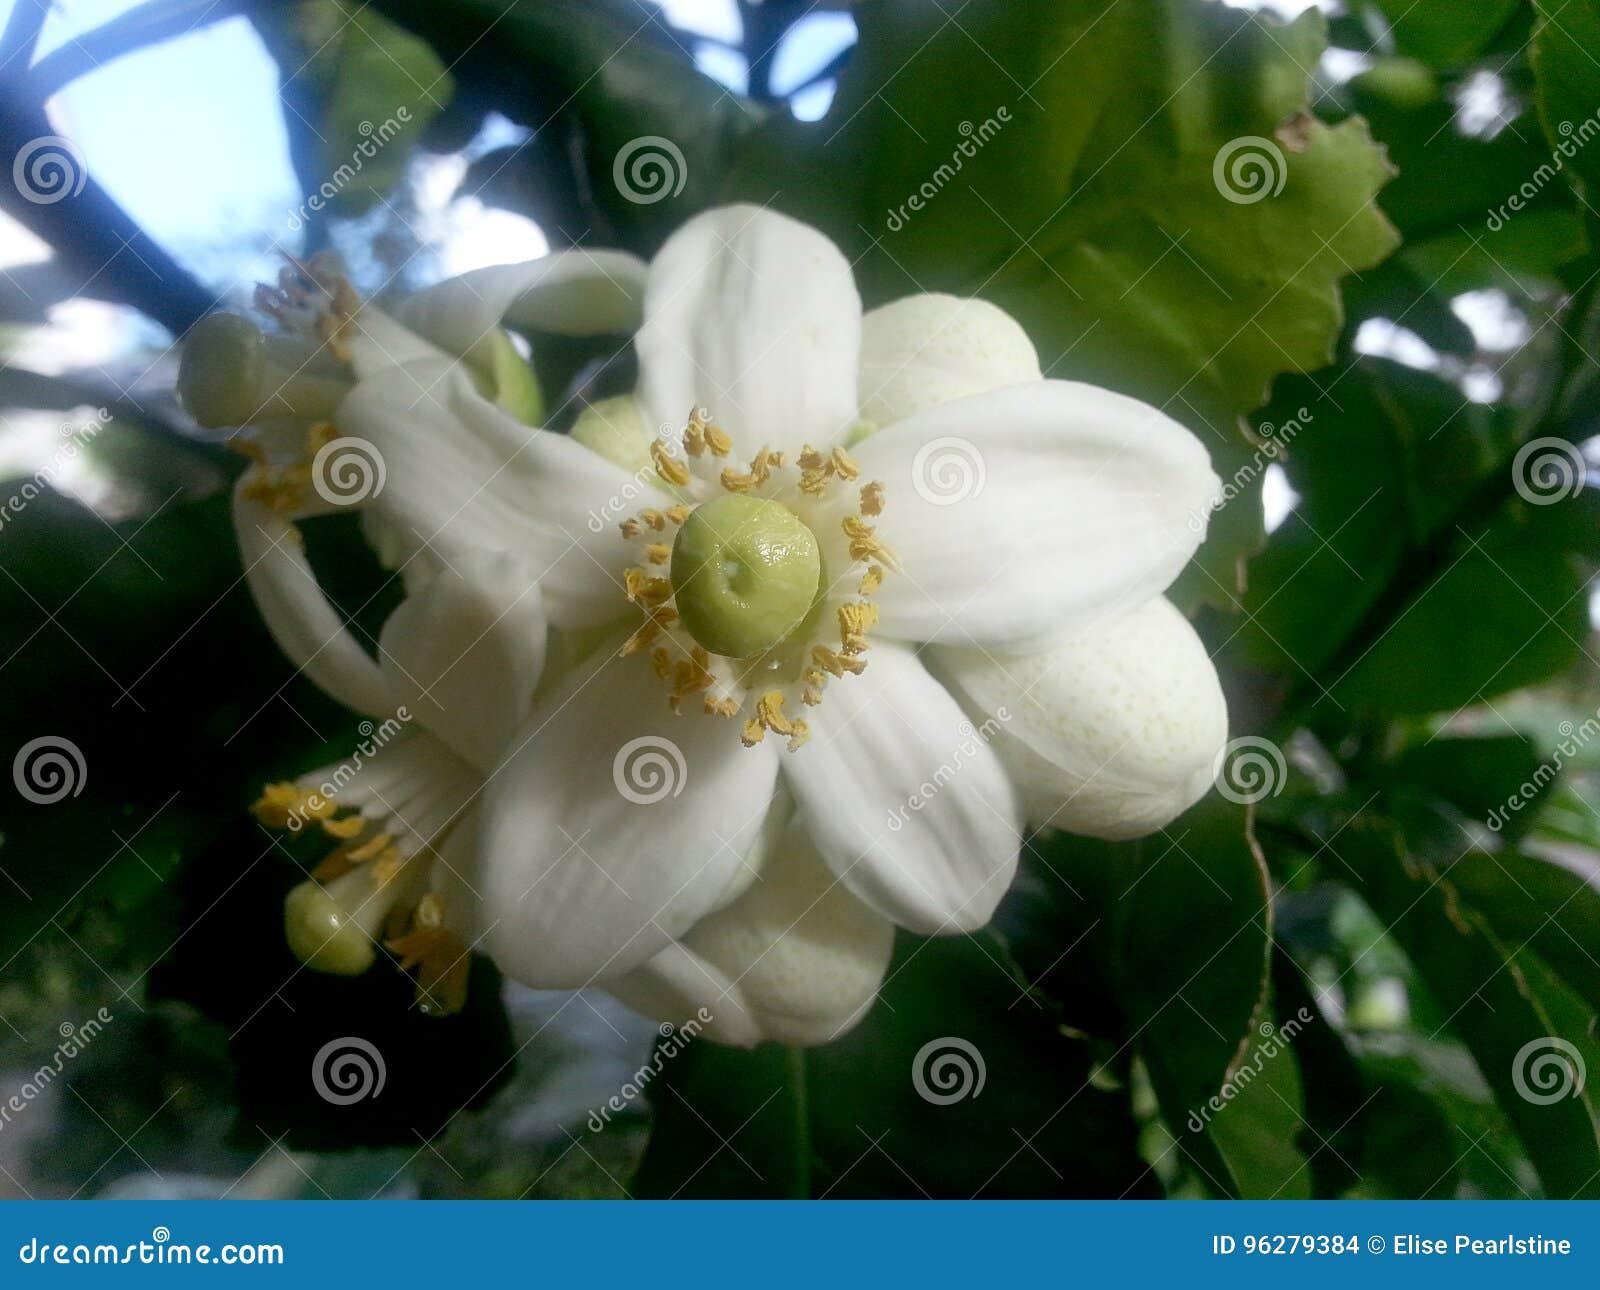 Fleurs de l arbre de pamplemousse qui produira de grands agrumes comme le pamplemousse